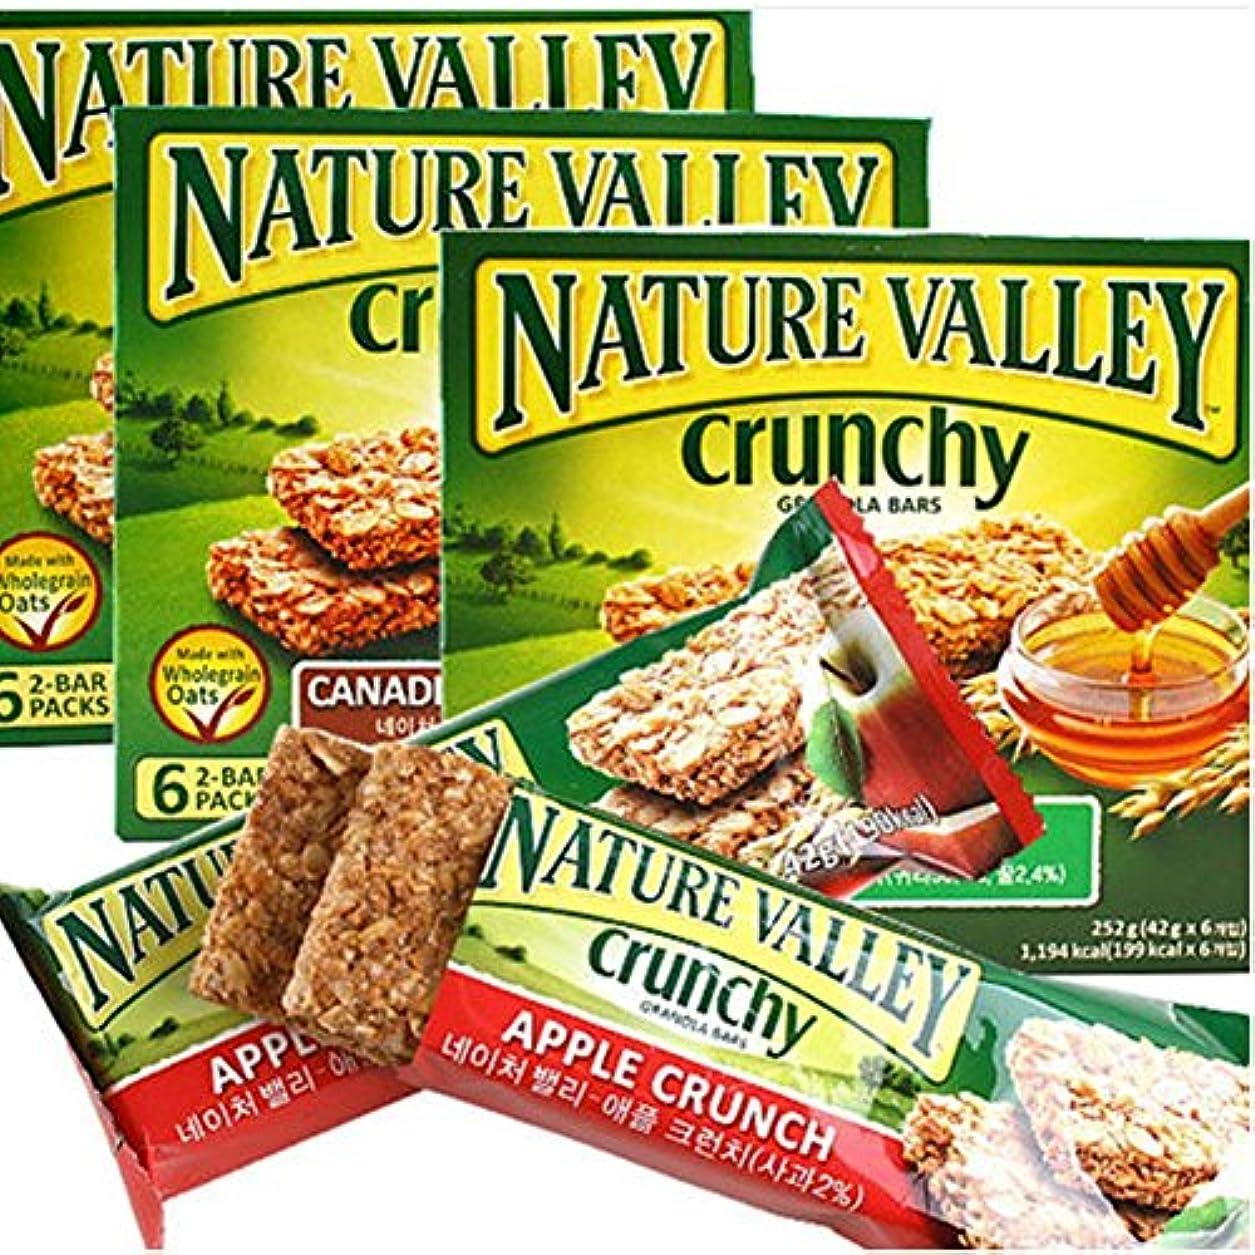 選択するミント因子[ネイチャーバレー/Nature Valley] OATS&BERRIES SYRUP/ネイチャーバレークランチグラノーラバー42g5パックx3 Box - 大津?アンド?ベリーシロップ(合計15袋)穀物バー/シリアル/...